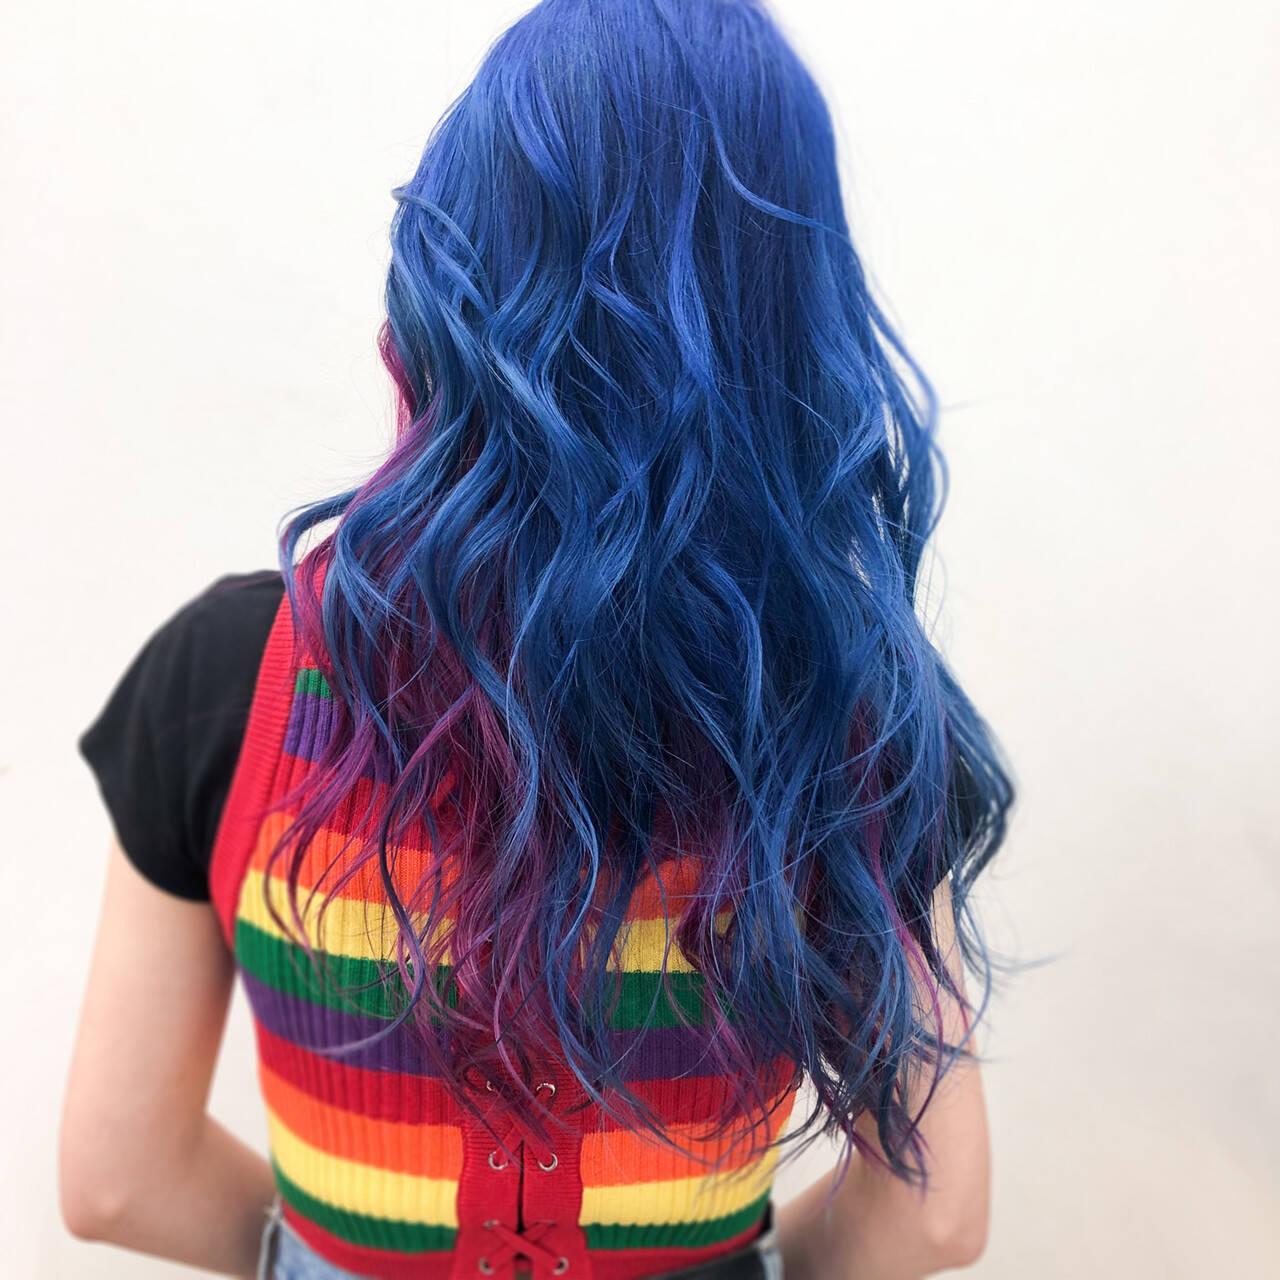 派手髪 ストリート ピンク ハイトーンカラーヘアスタイルや髪型の写真・画像